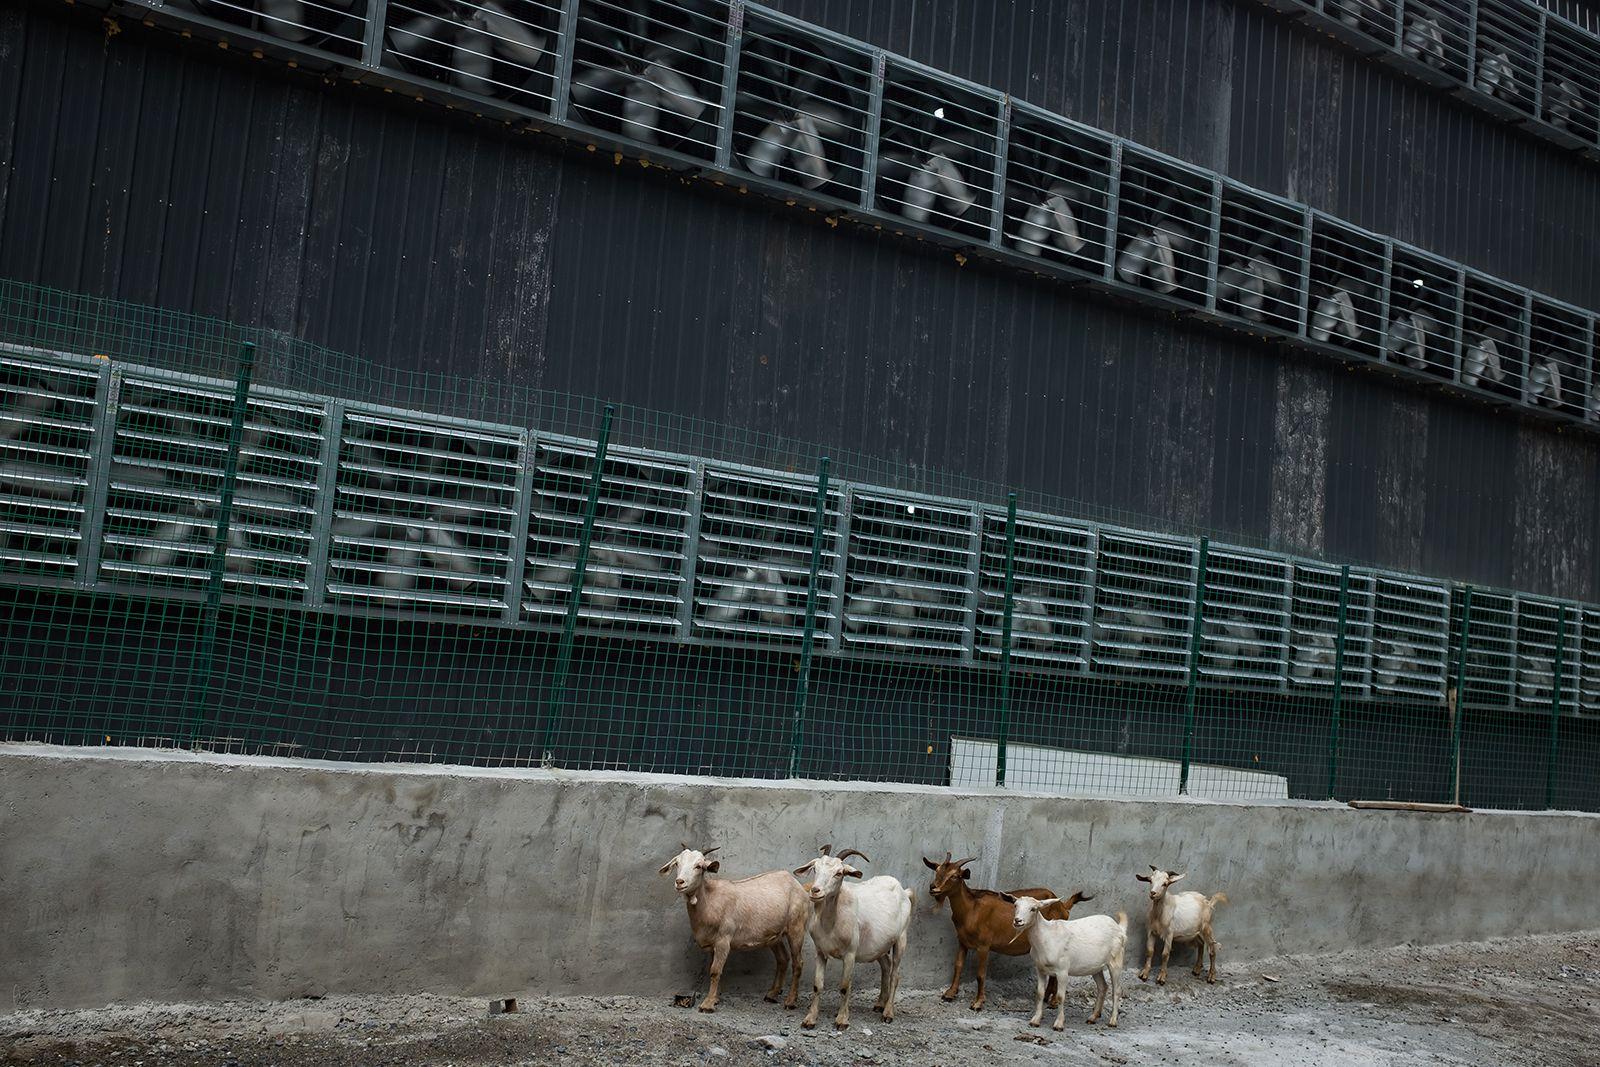 Козы из соседней деревни гуляют под вентиляторами «фермы».